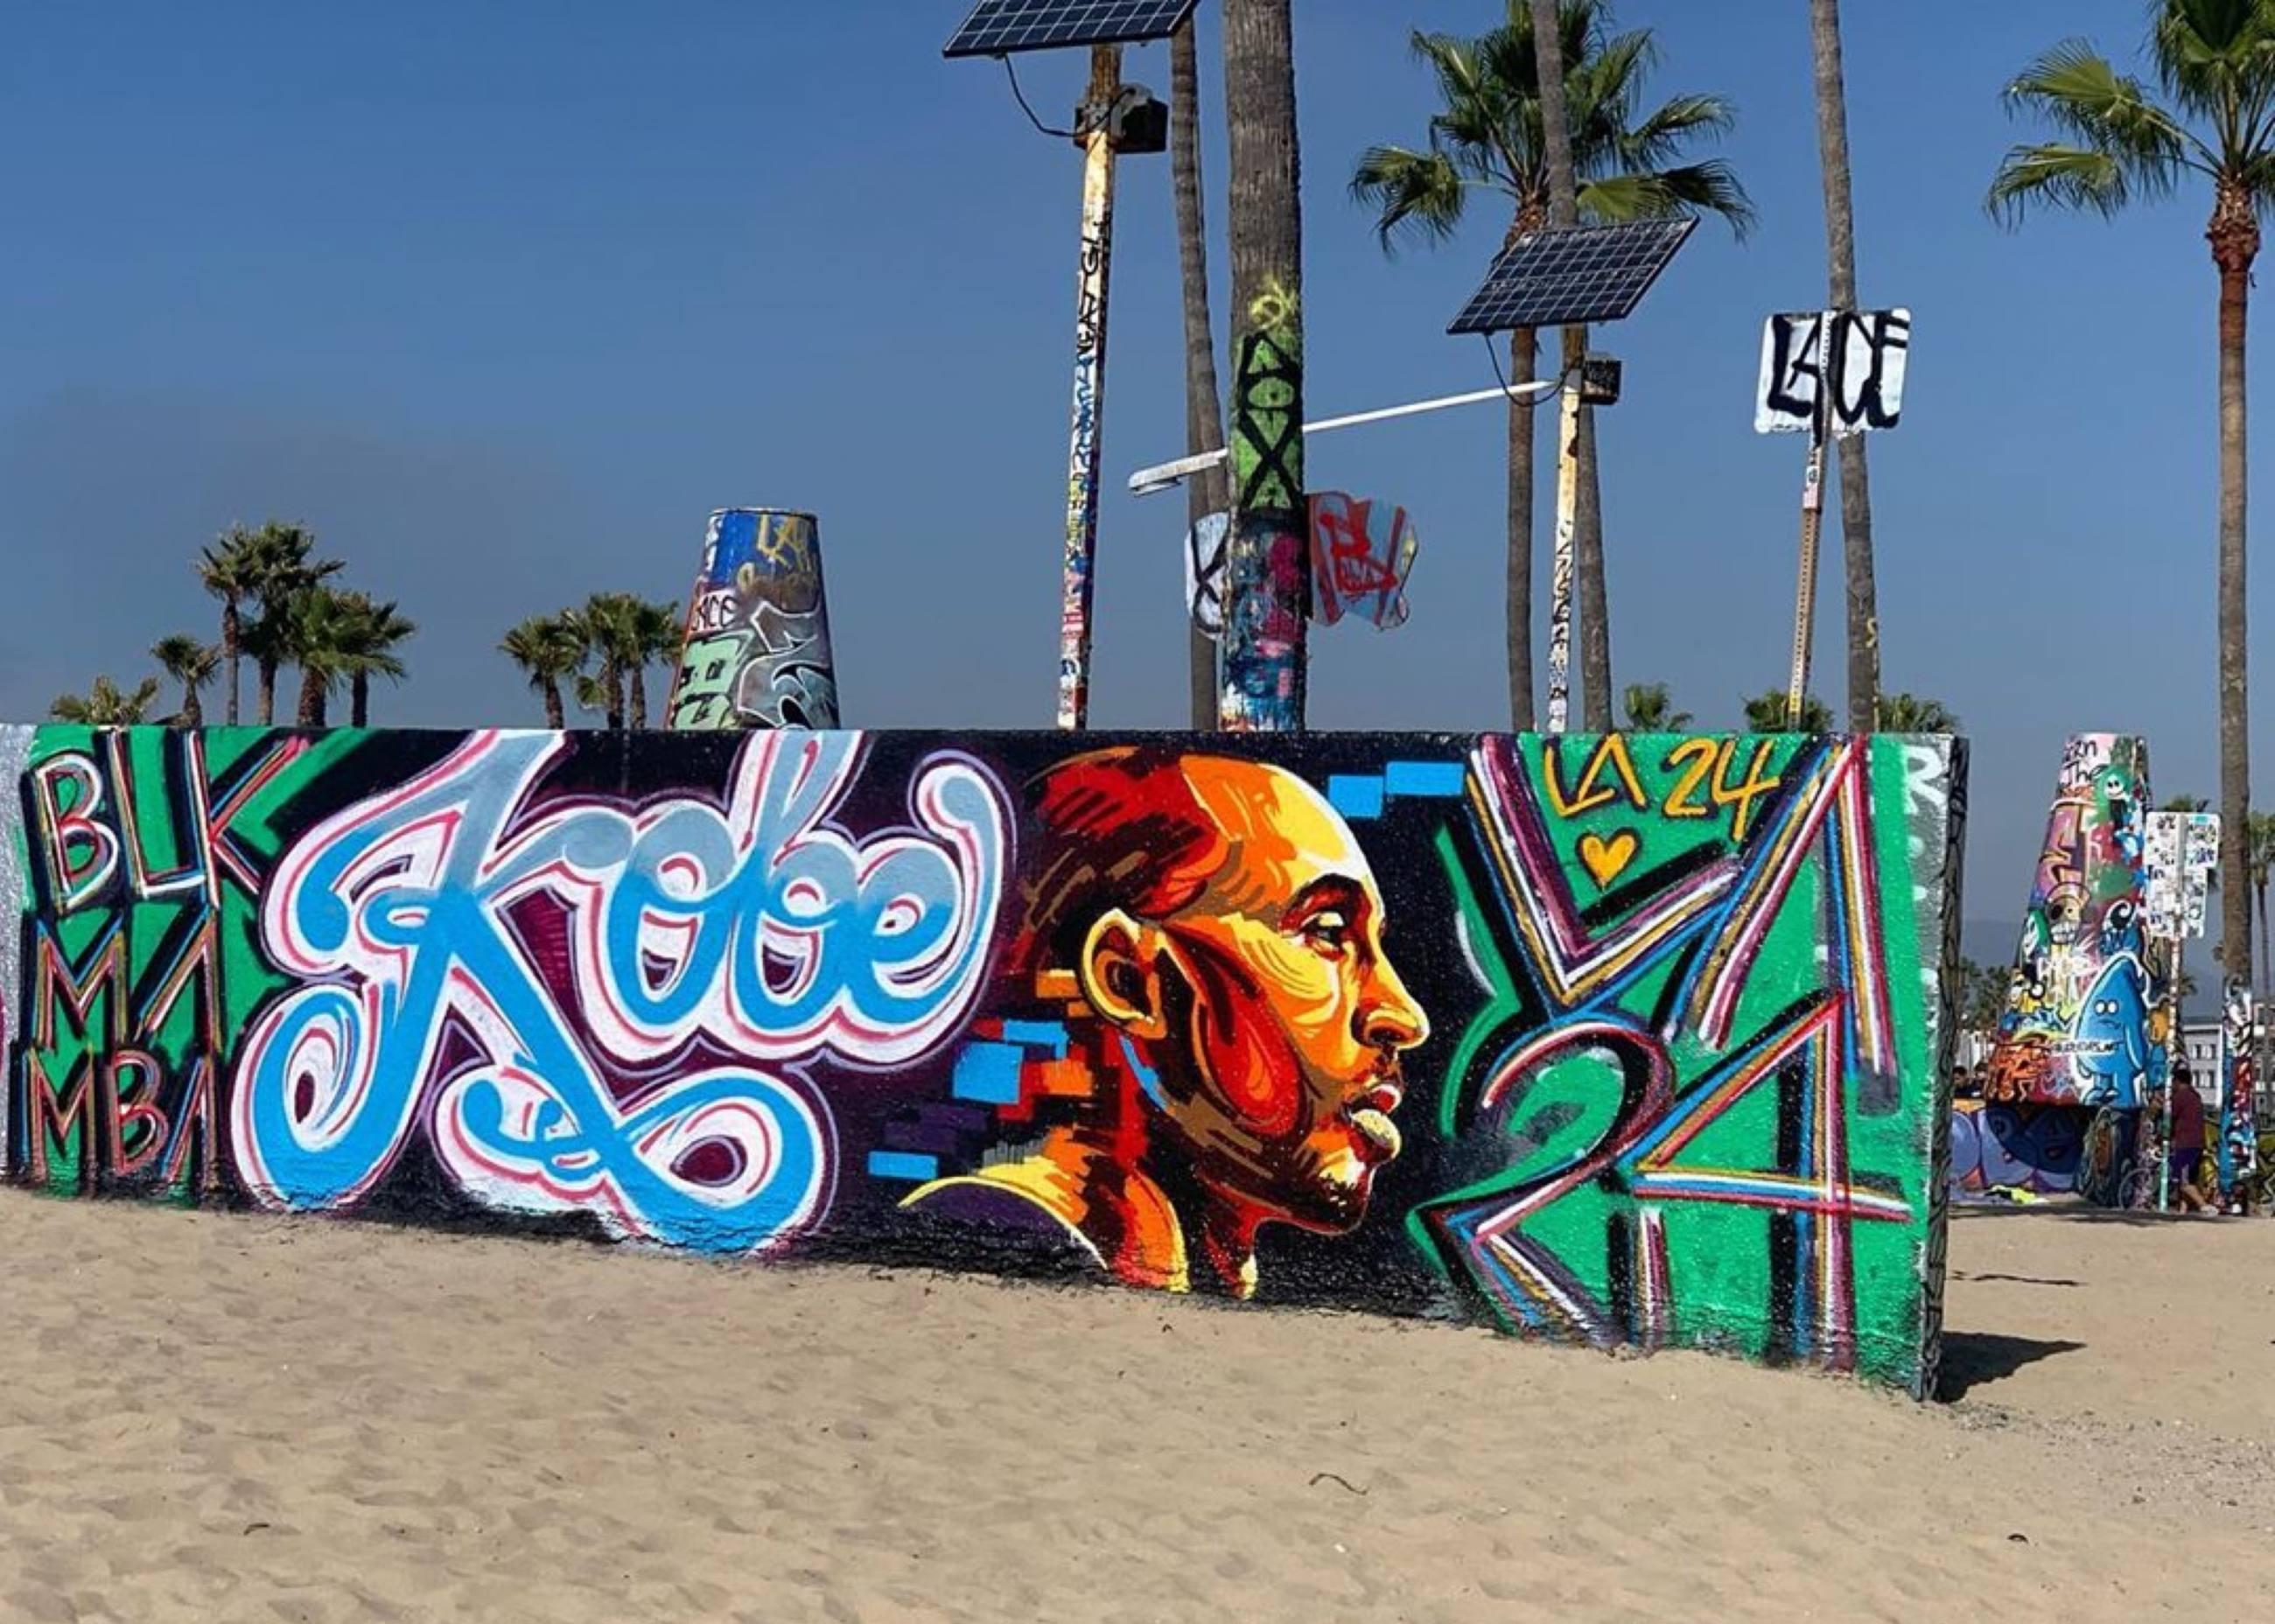 Kobe Bryant mural by Nerja Malaga in Venice Beach